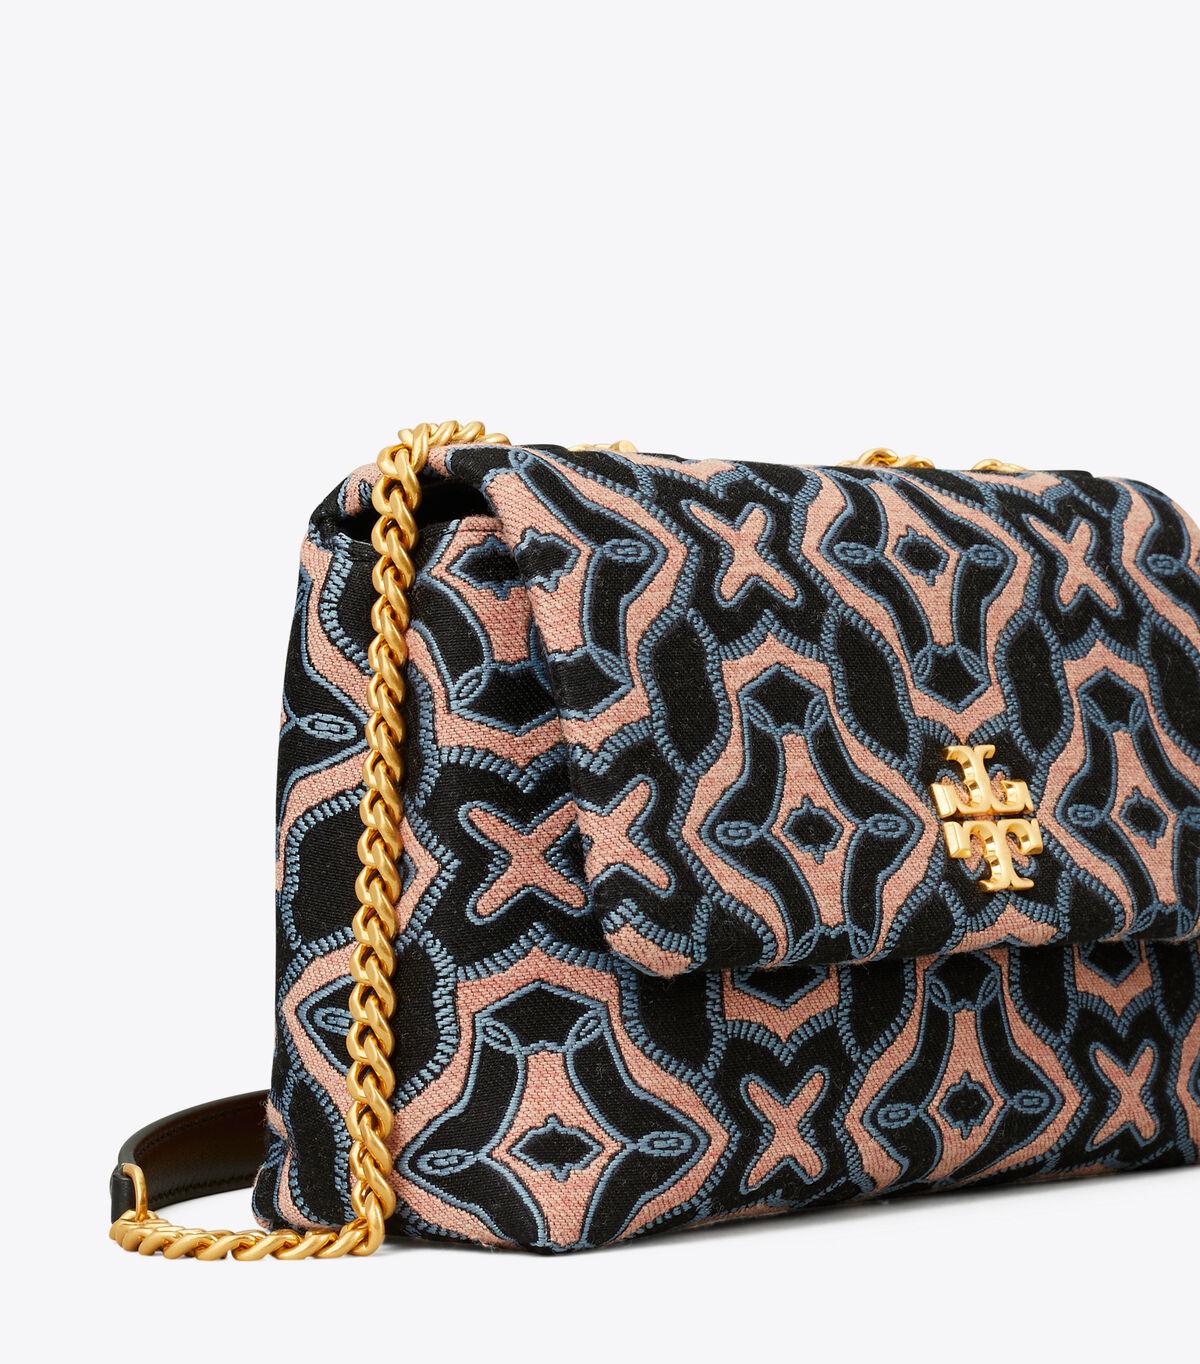 KIRA JACQUARD SMALL CONVERTIBLE SHOULDER BAG